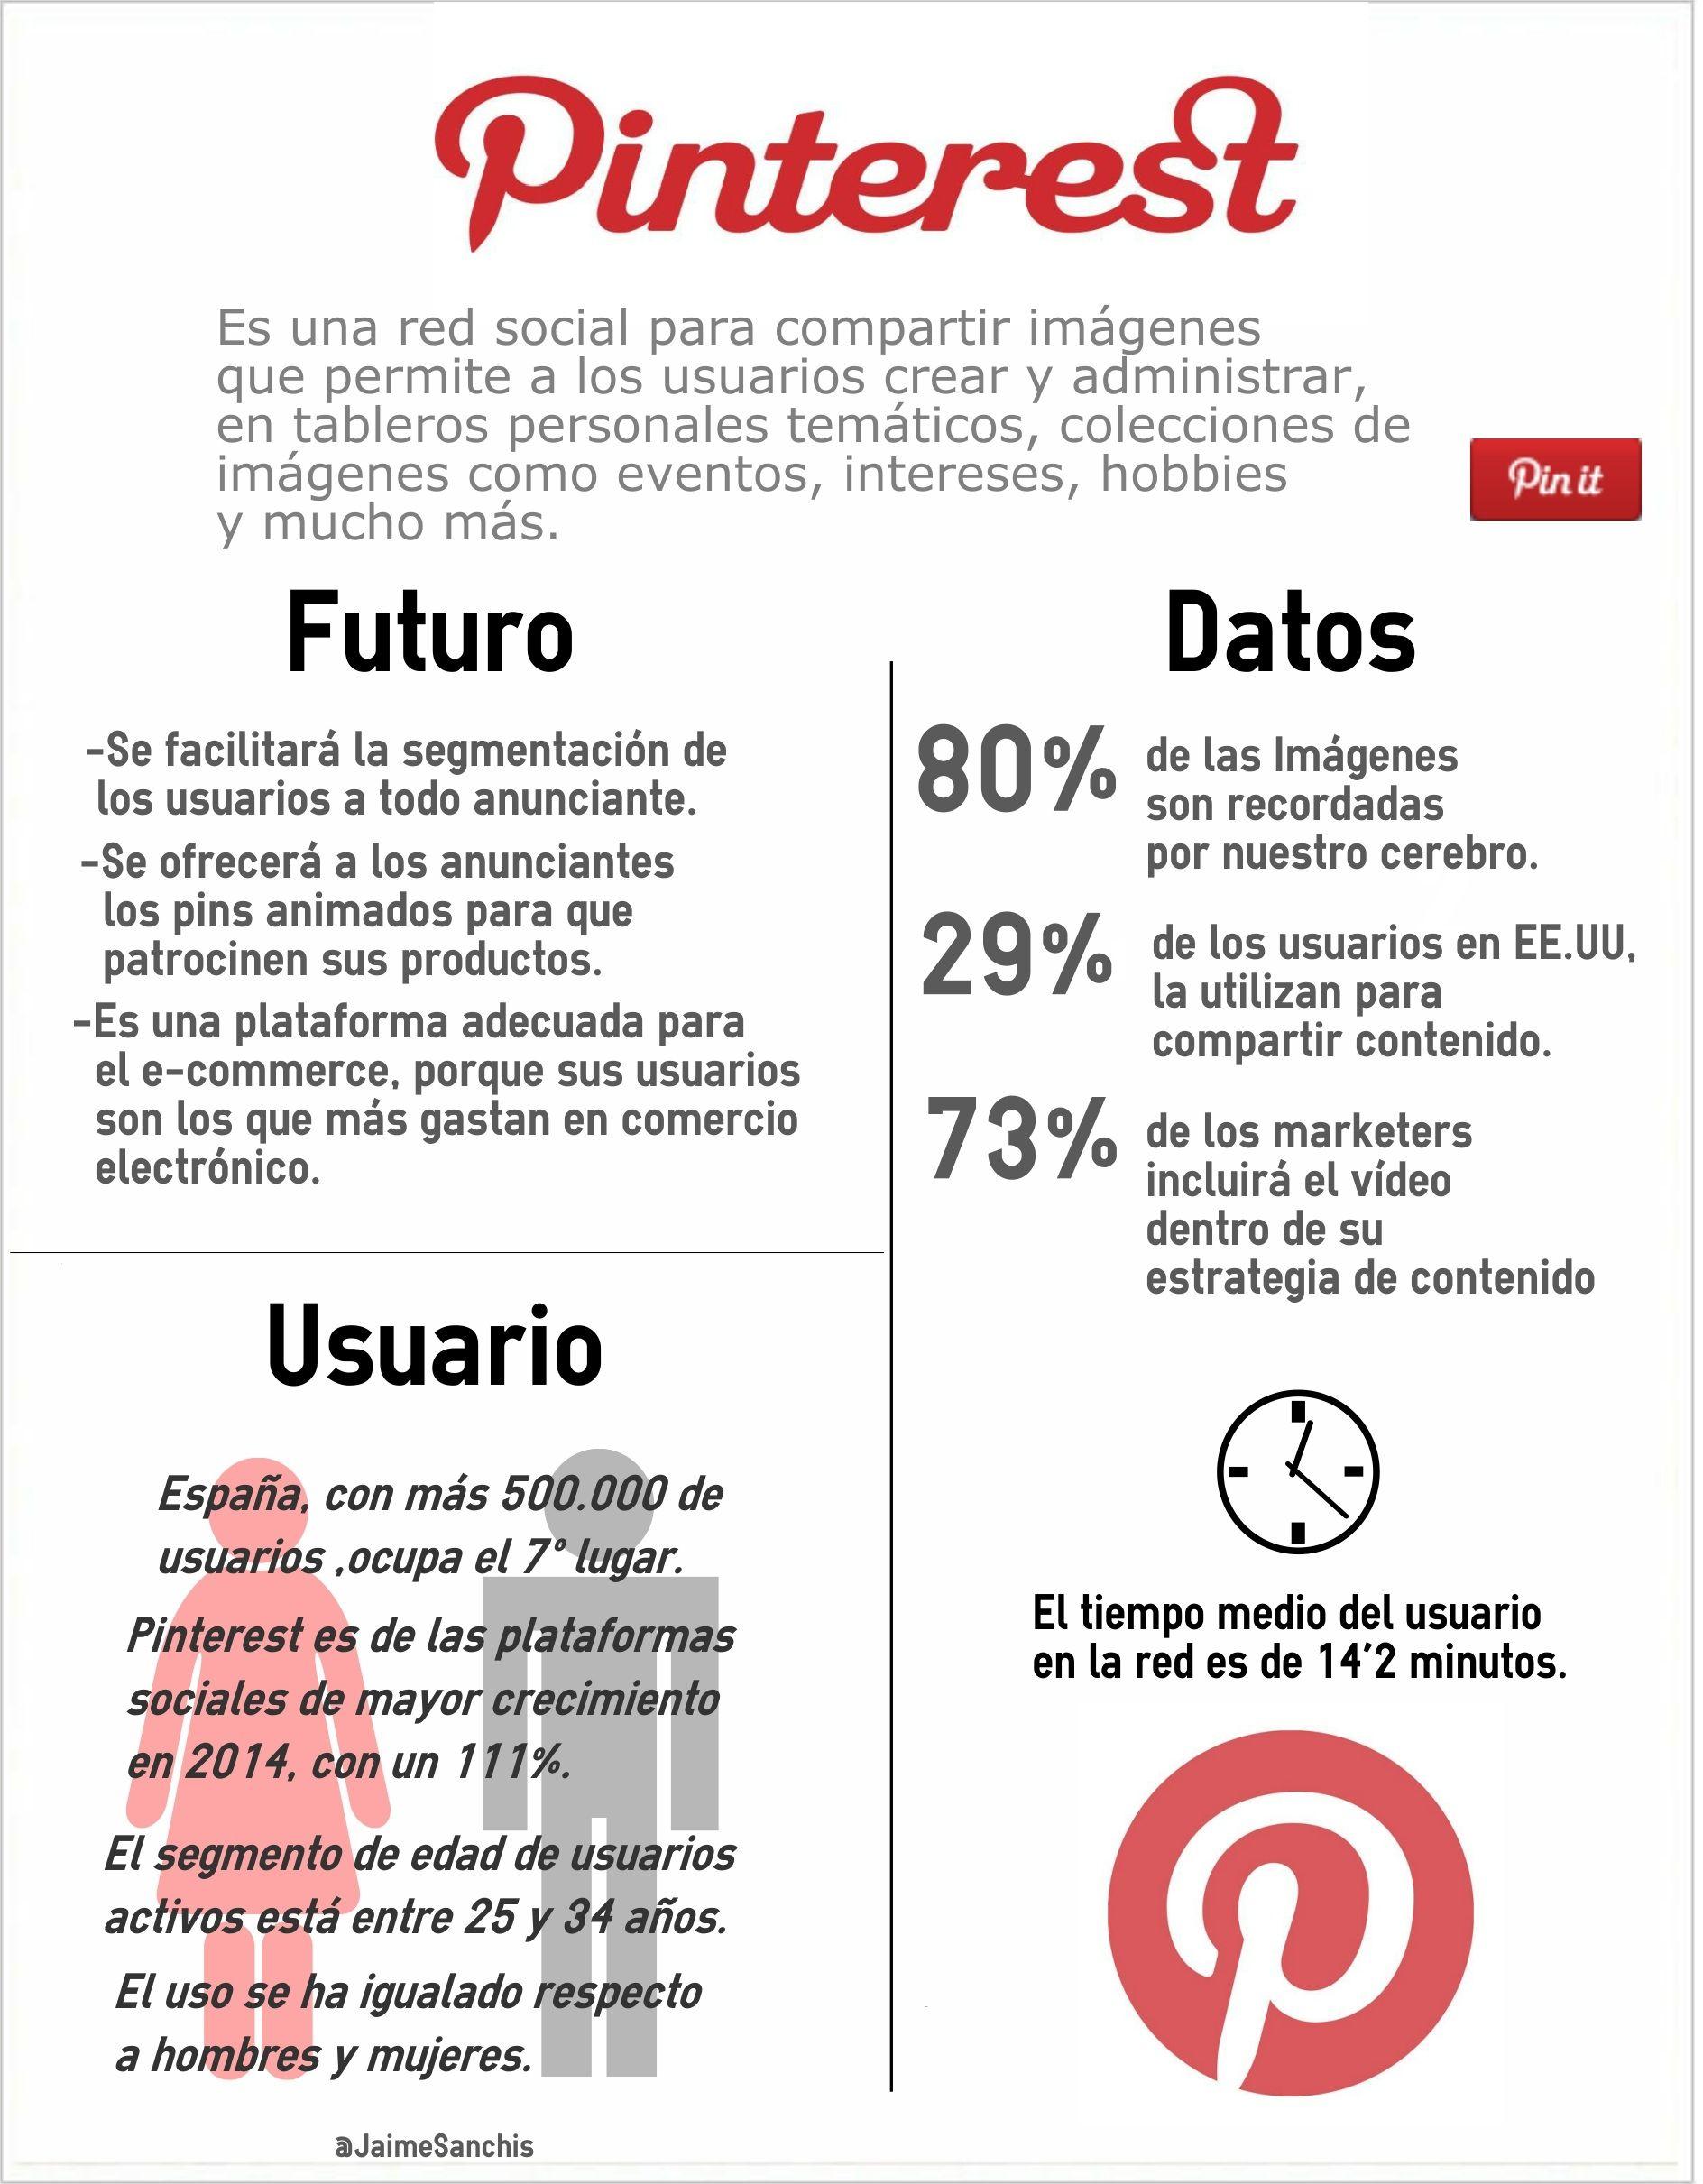 Infografía sobre Pinterest. #Pinterest #Community